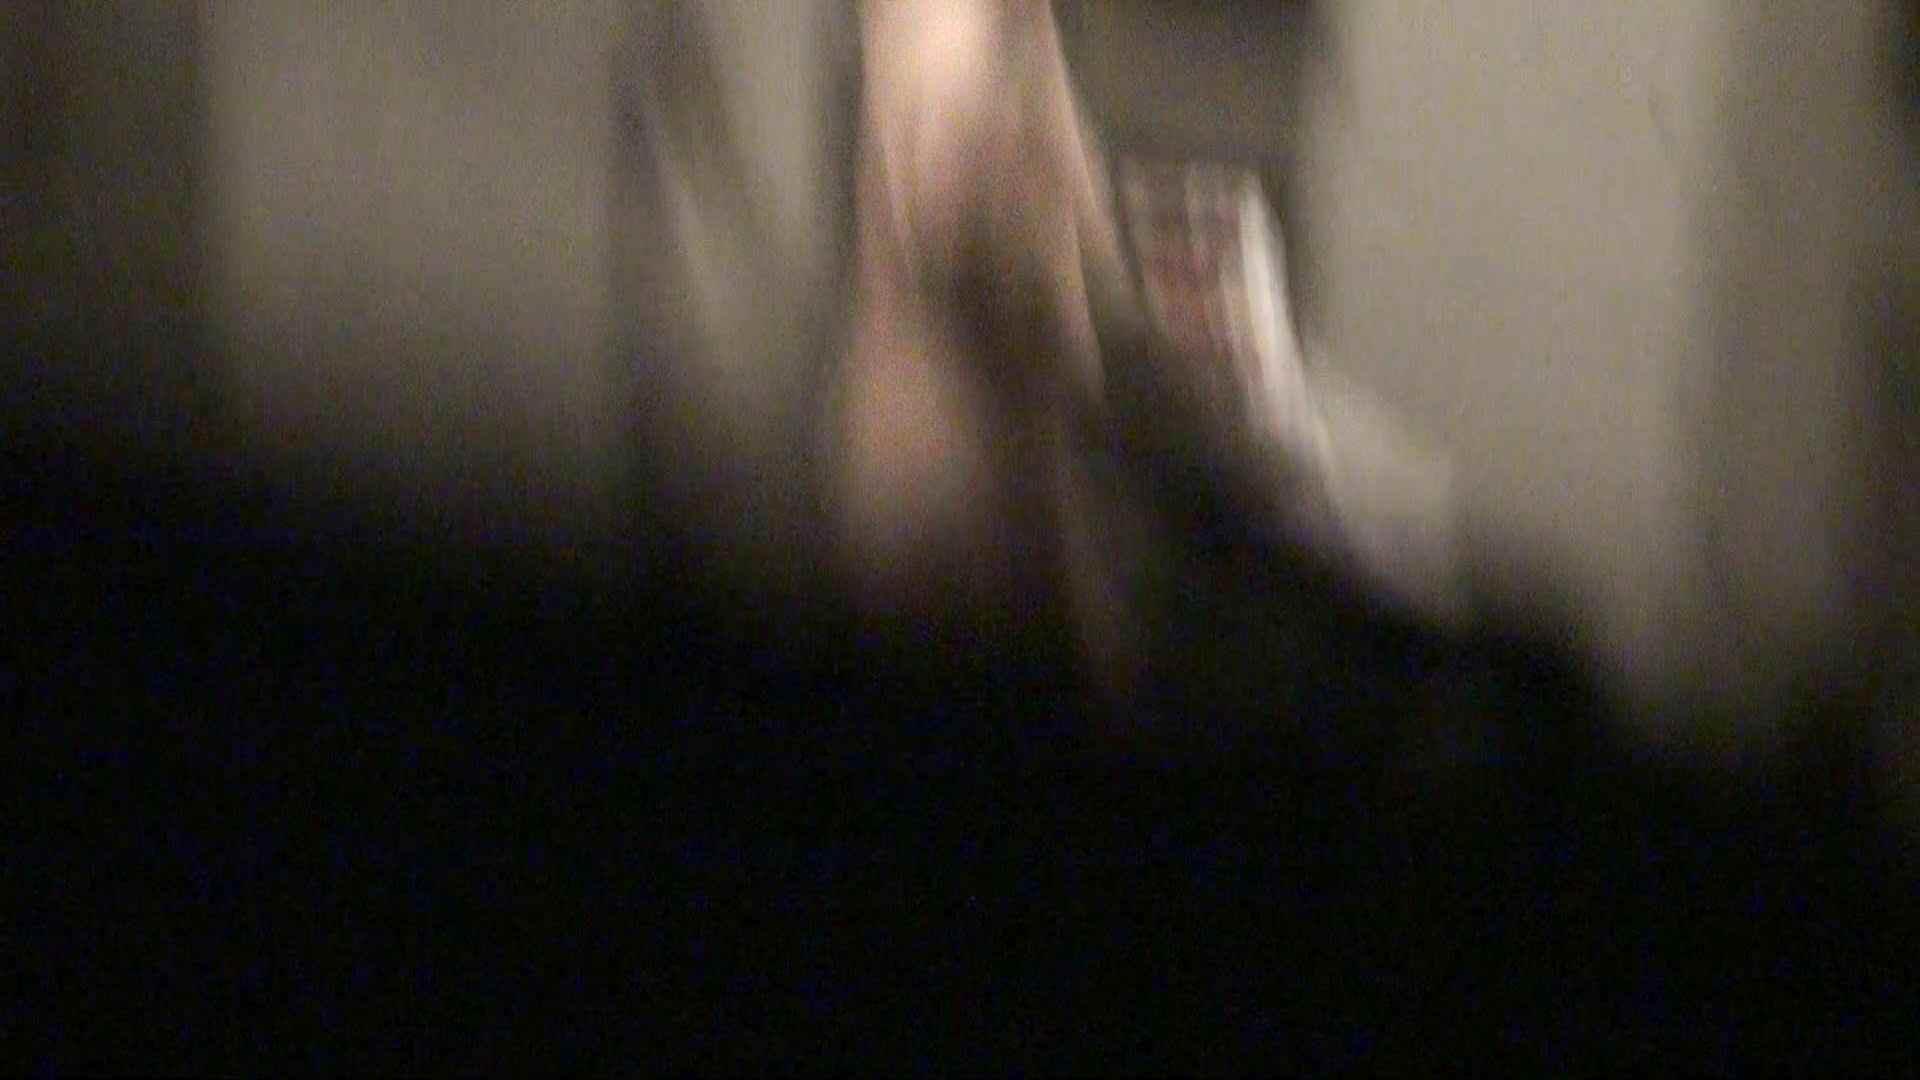 Aquaな露天風呂Vol.357 美しいOLの裸体 濡れ場動画紹介 79pic 68